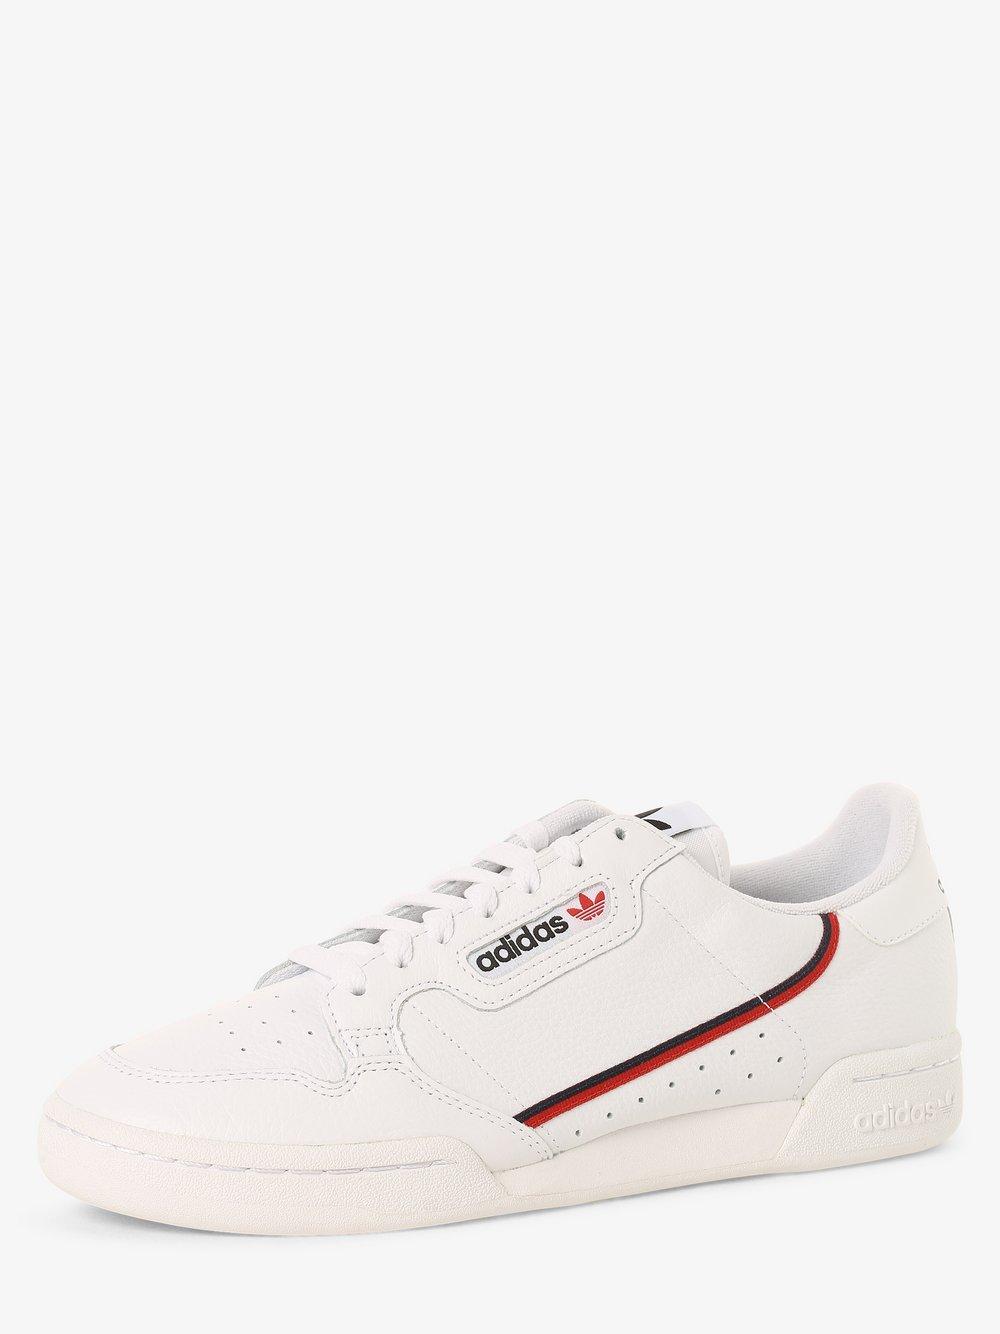 adidas Originals - Damskie tenisówki ze skóry – Continental 80, biały